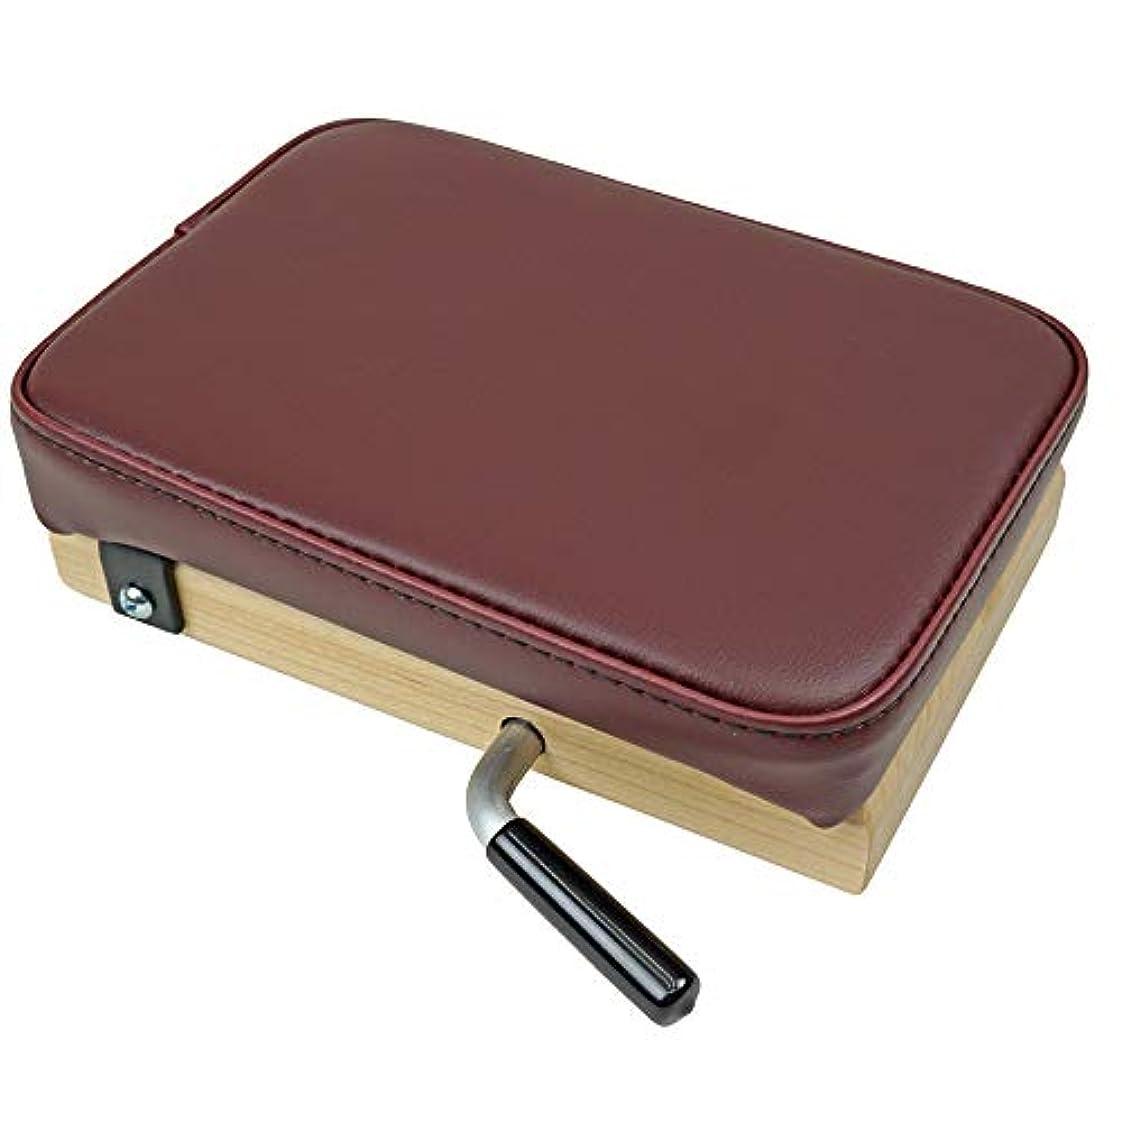 事件、出来事確かめる北米THULI TABLE (ツゥーリテーブル) ポータブルドロップB シングルクッション ドロップ 四肢用 手関節 足関節 の アジャストに